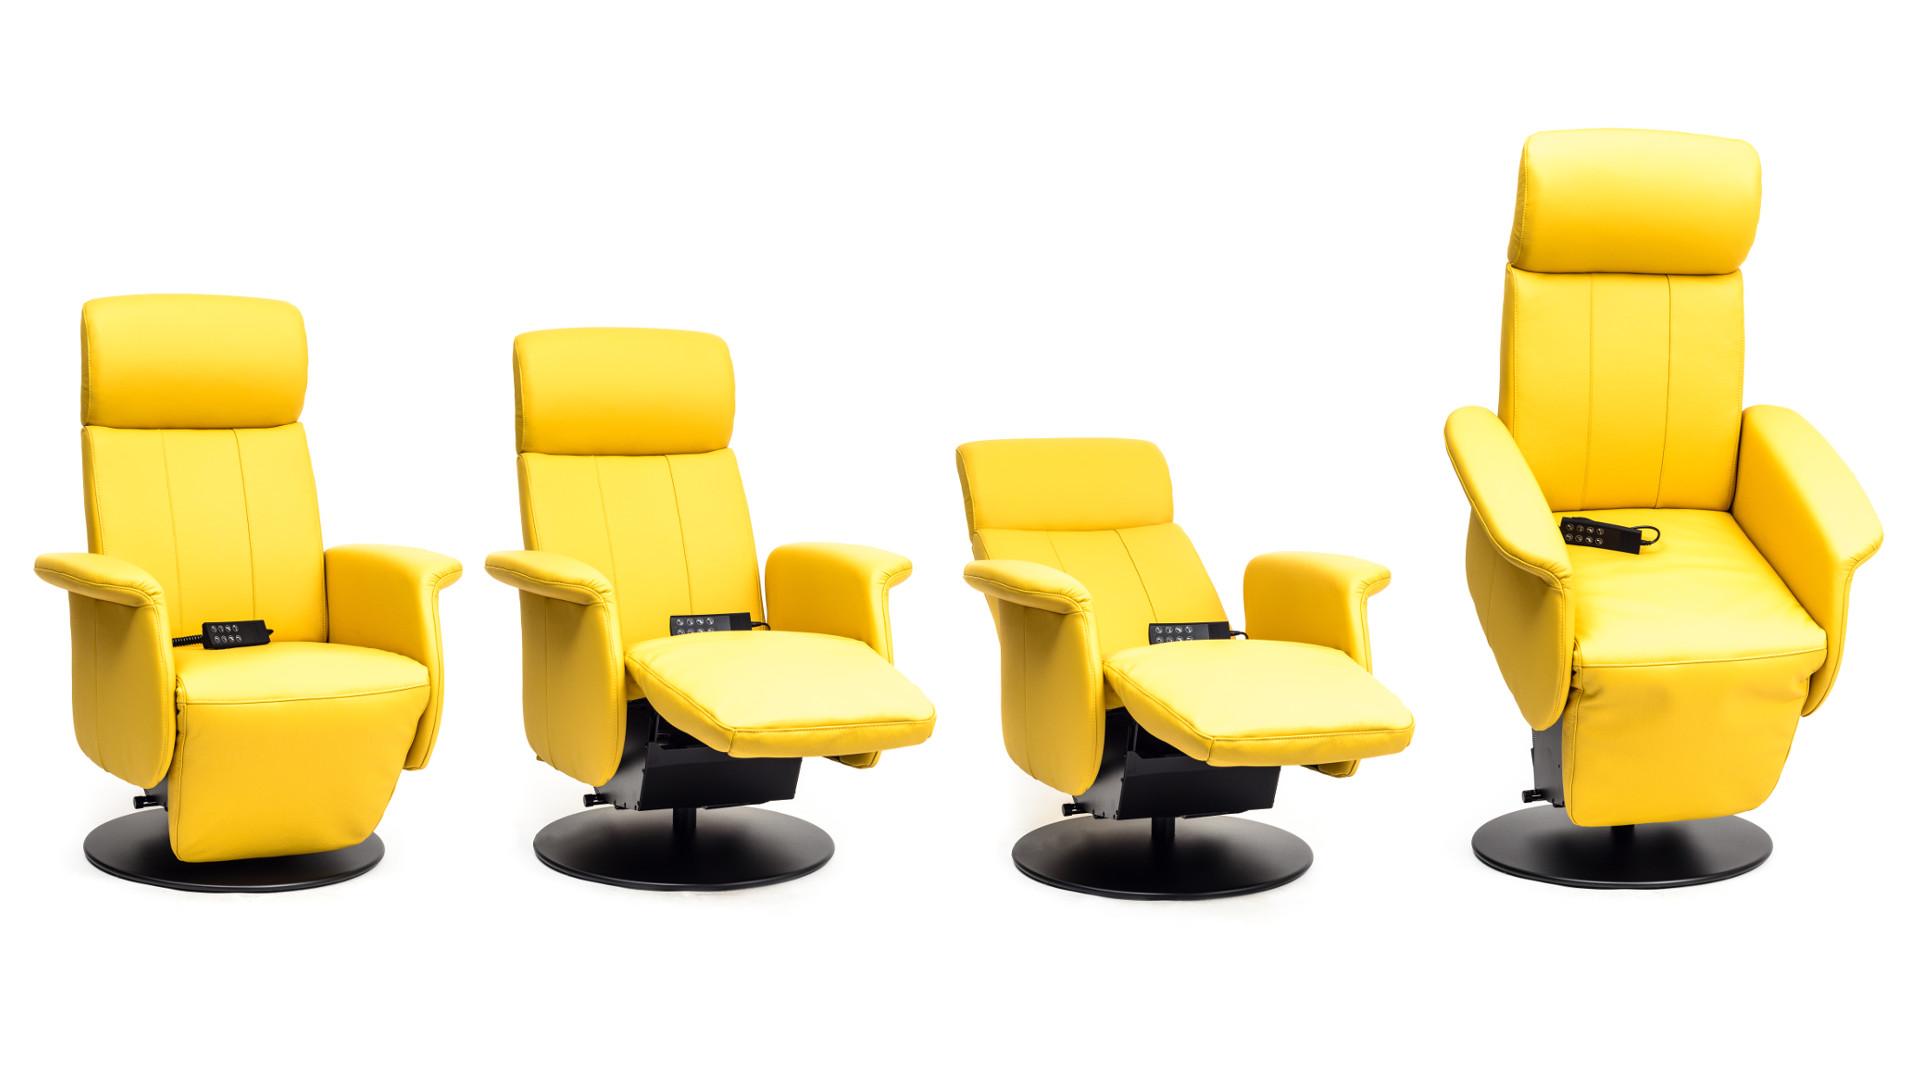 Full Size of Liegesessel Elektrisch Verstellbar Ikea Verstellbare Garten Liegestuhl Sofa Mit Verstellbarer Sitztiefe Wohnzimmer Liegesessel Verstellbar